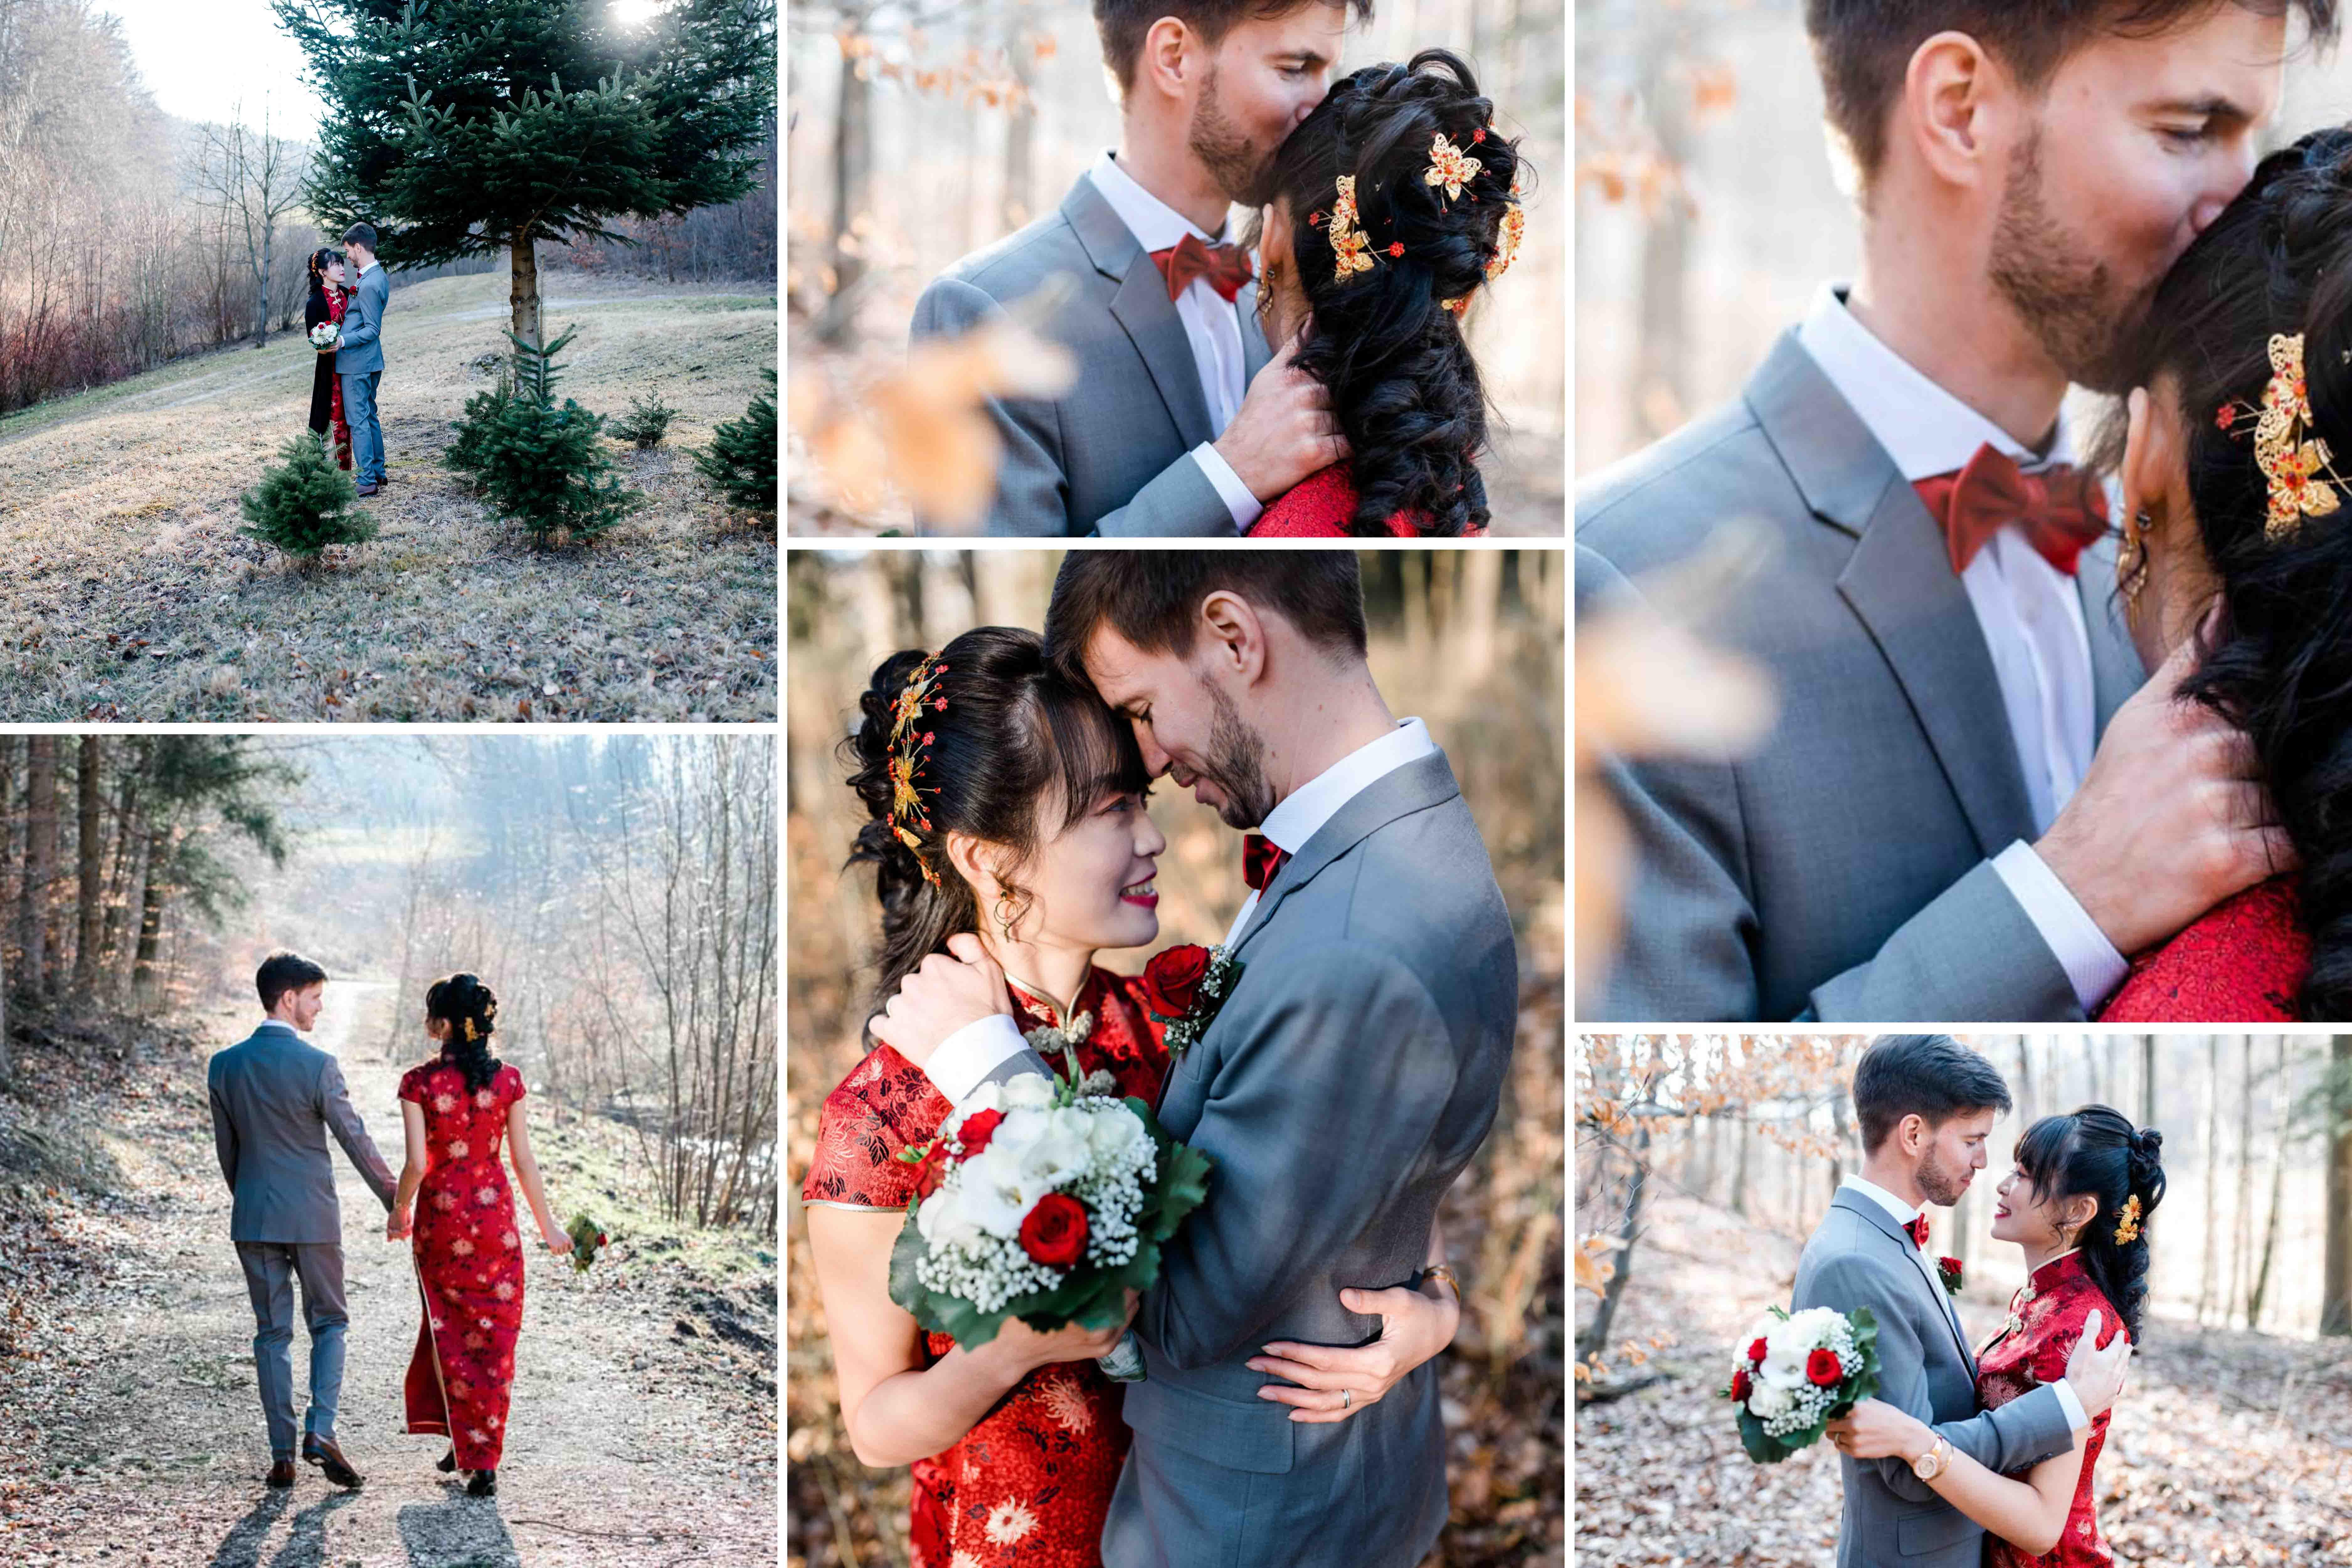 Zeitpunkt Paarshooting am Hochzeitstag